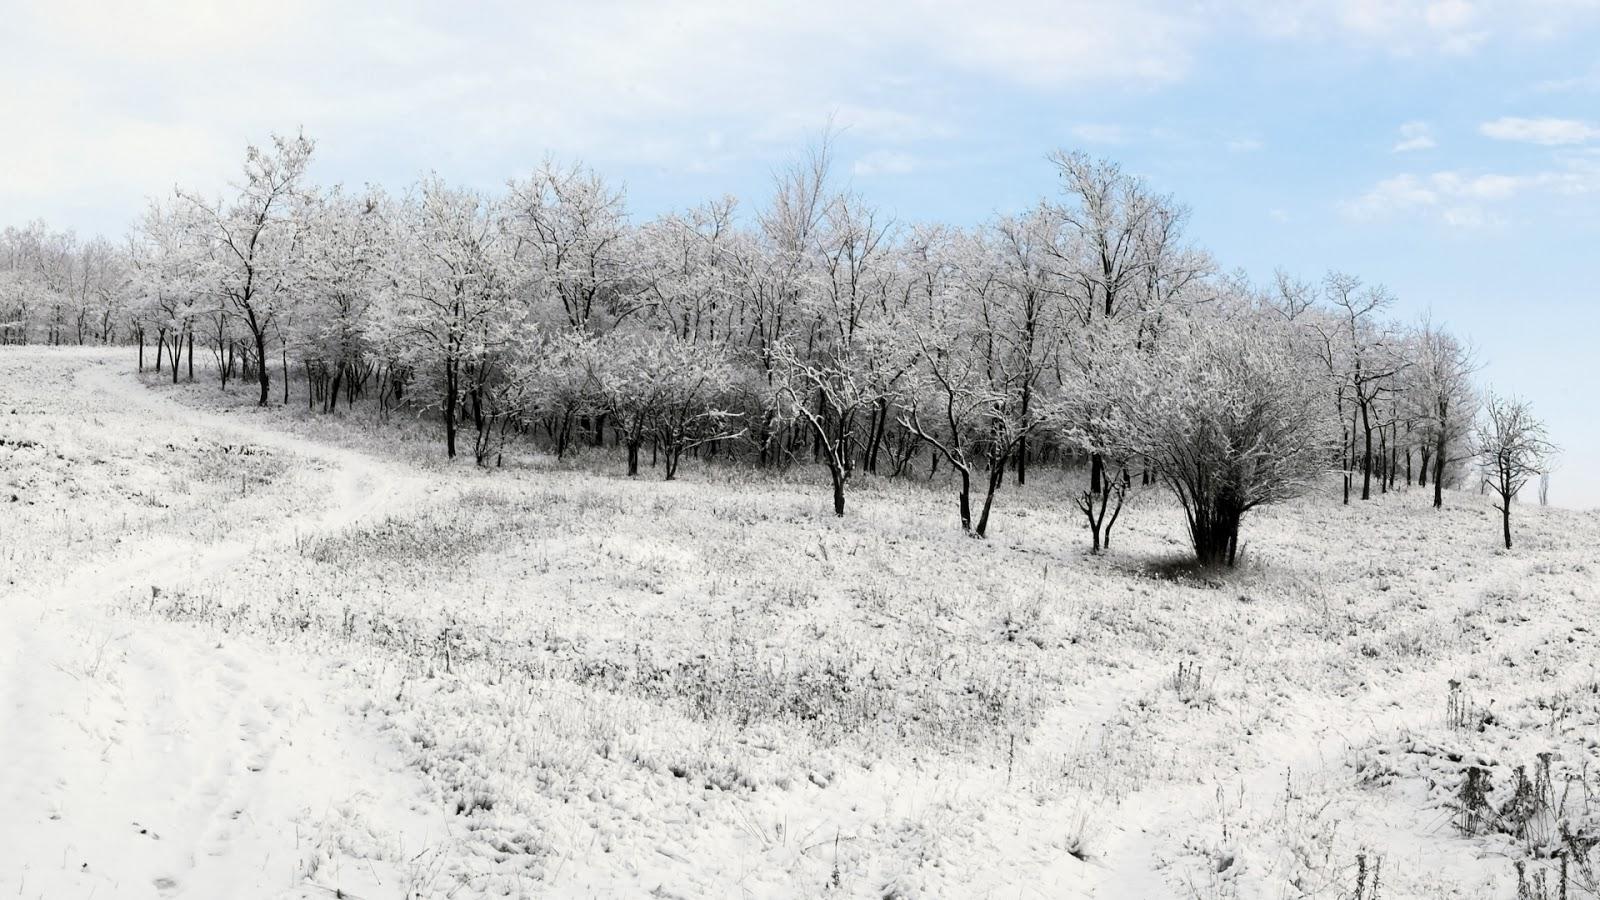 Kale bomen met sneeuw in de winter